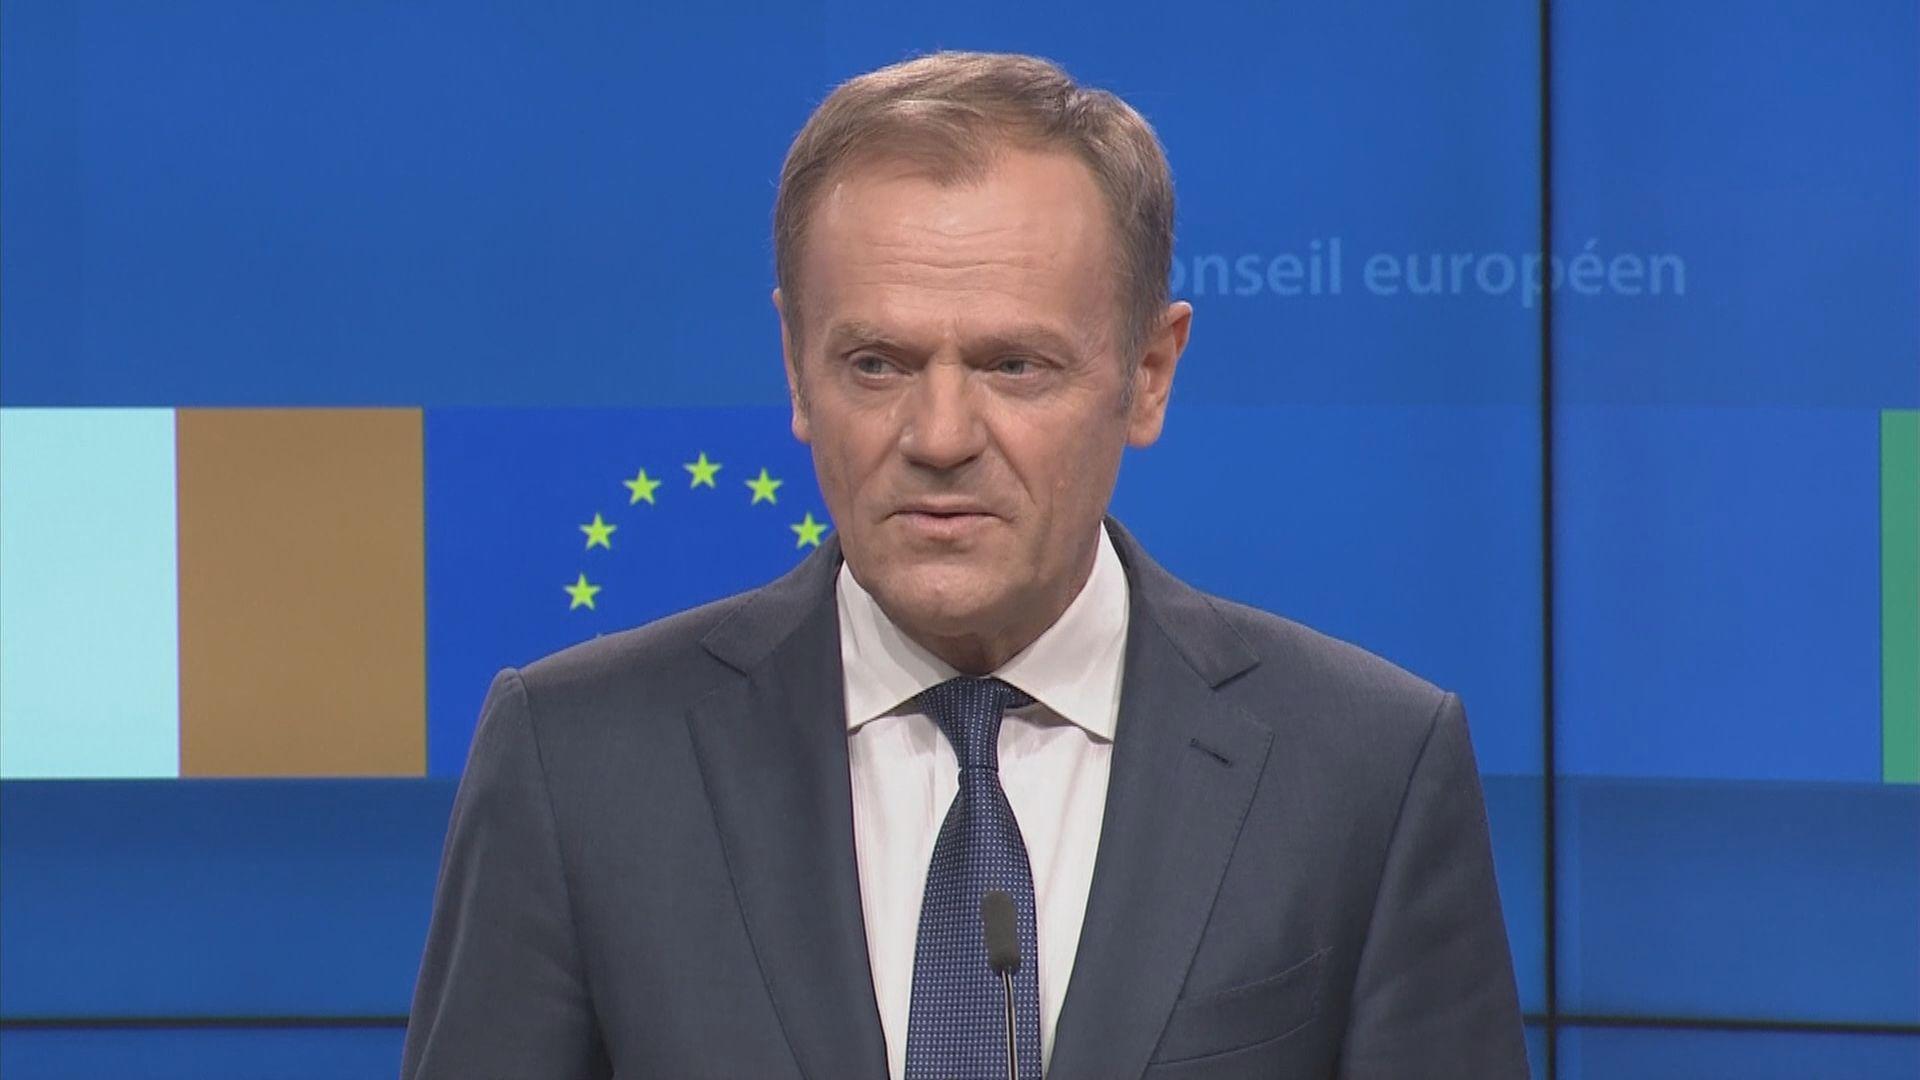 歐盟重申不會重新談判脫歐協議